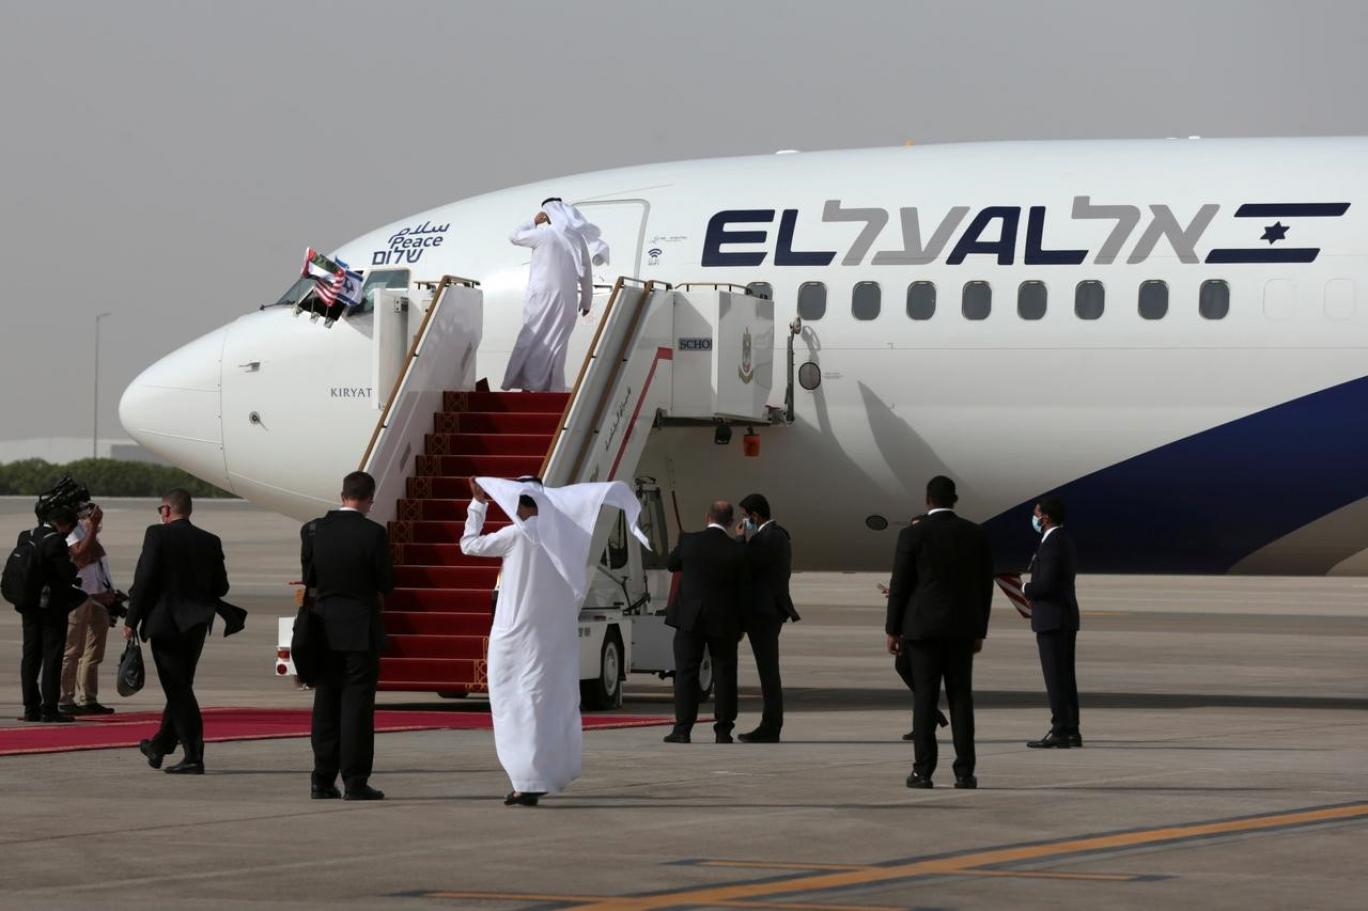 السعودية تسمح للطيران الإسرائيلي باستخدام مجالها الجوي